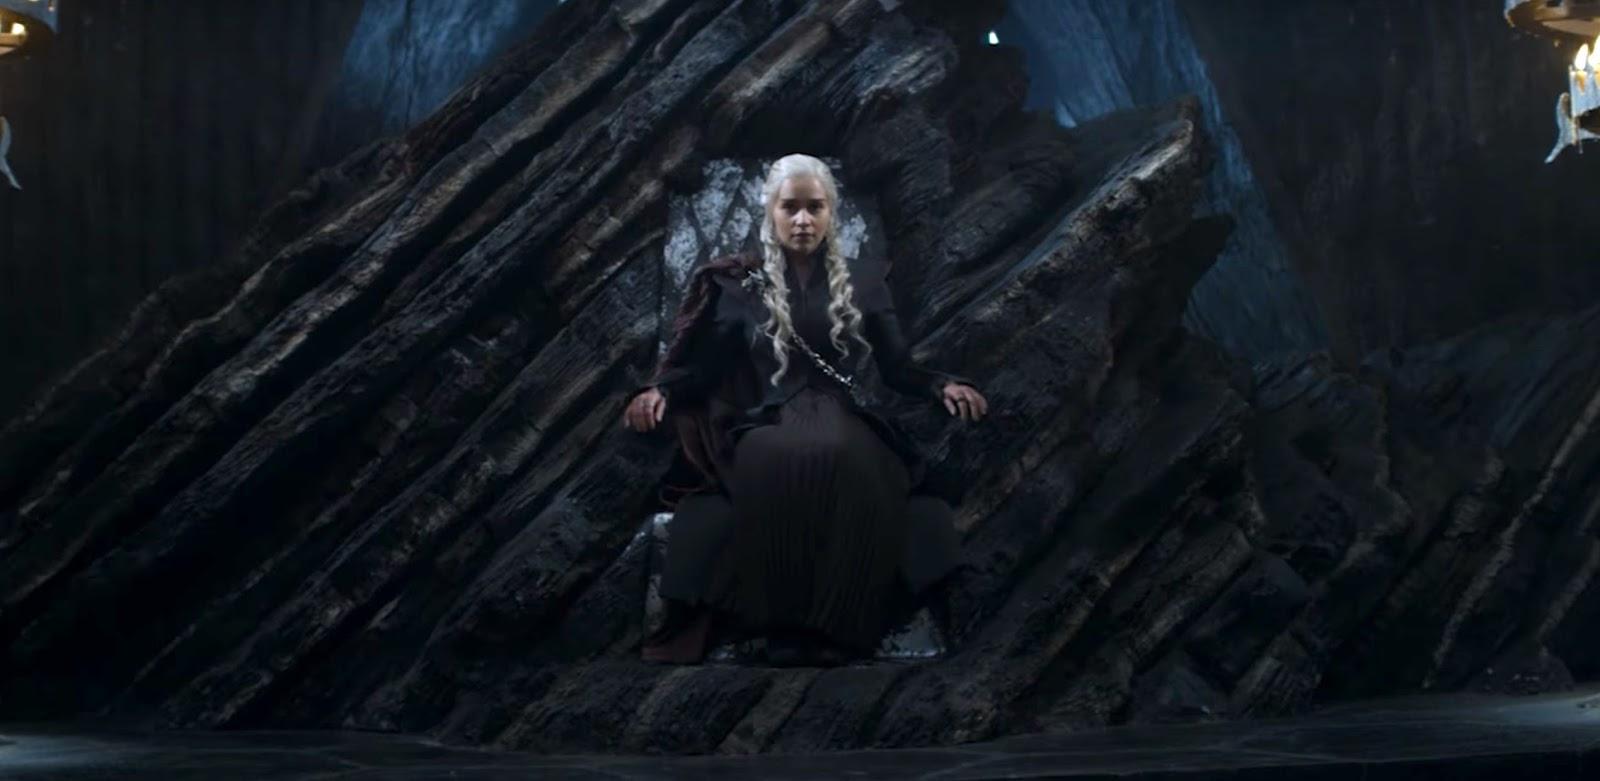 Game of Thrones Season 7 Di Mulai! Episode #1